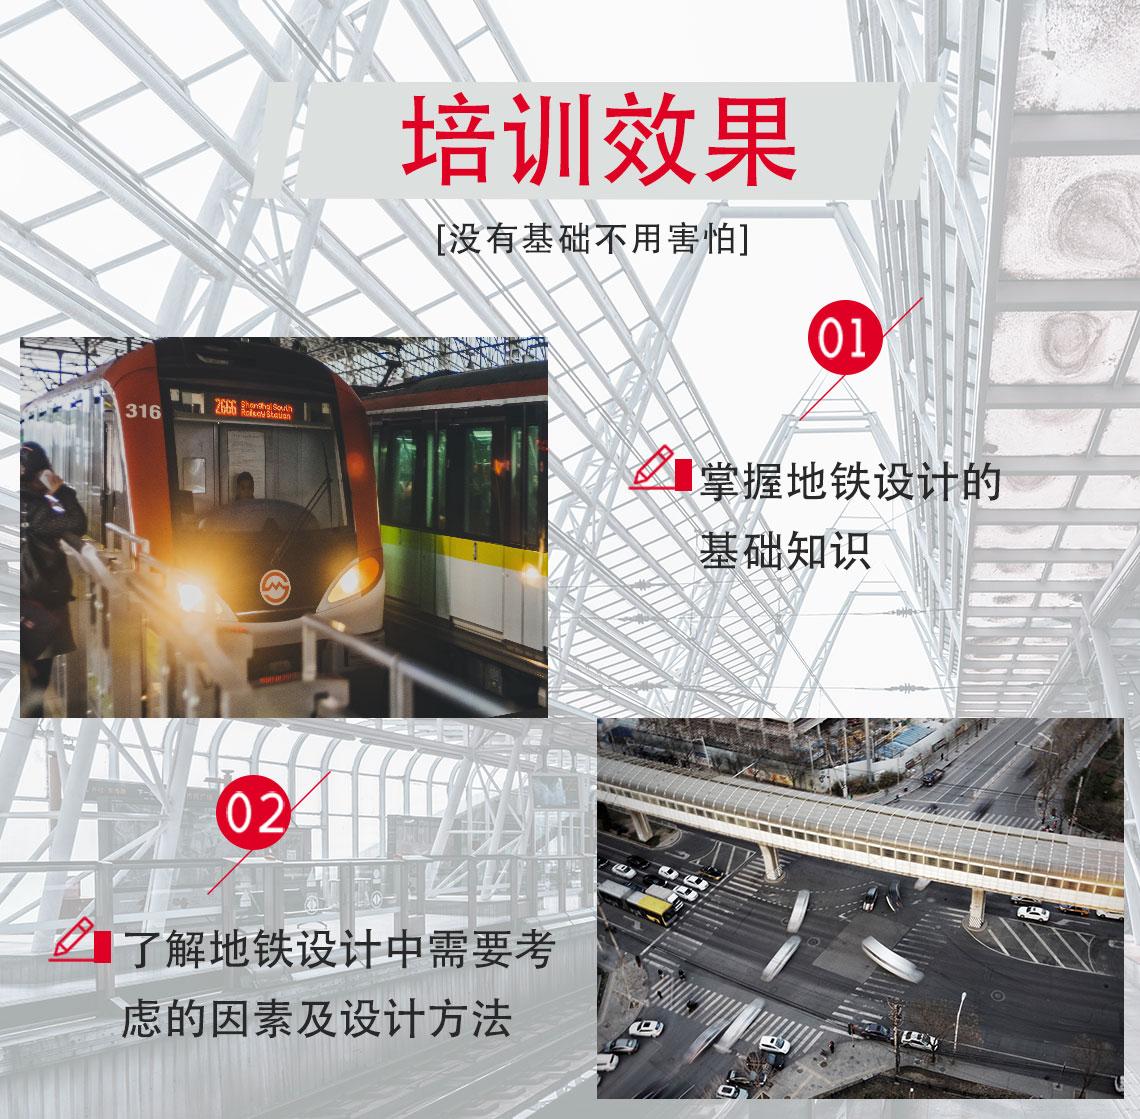 培训效果:掌握地铁设计的基础知识,了解地铁设计中需要考虑的因素及设计方法,初步掌握地铁结构设计需要完成的主要工作